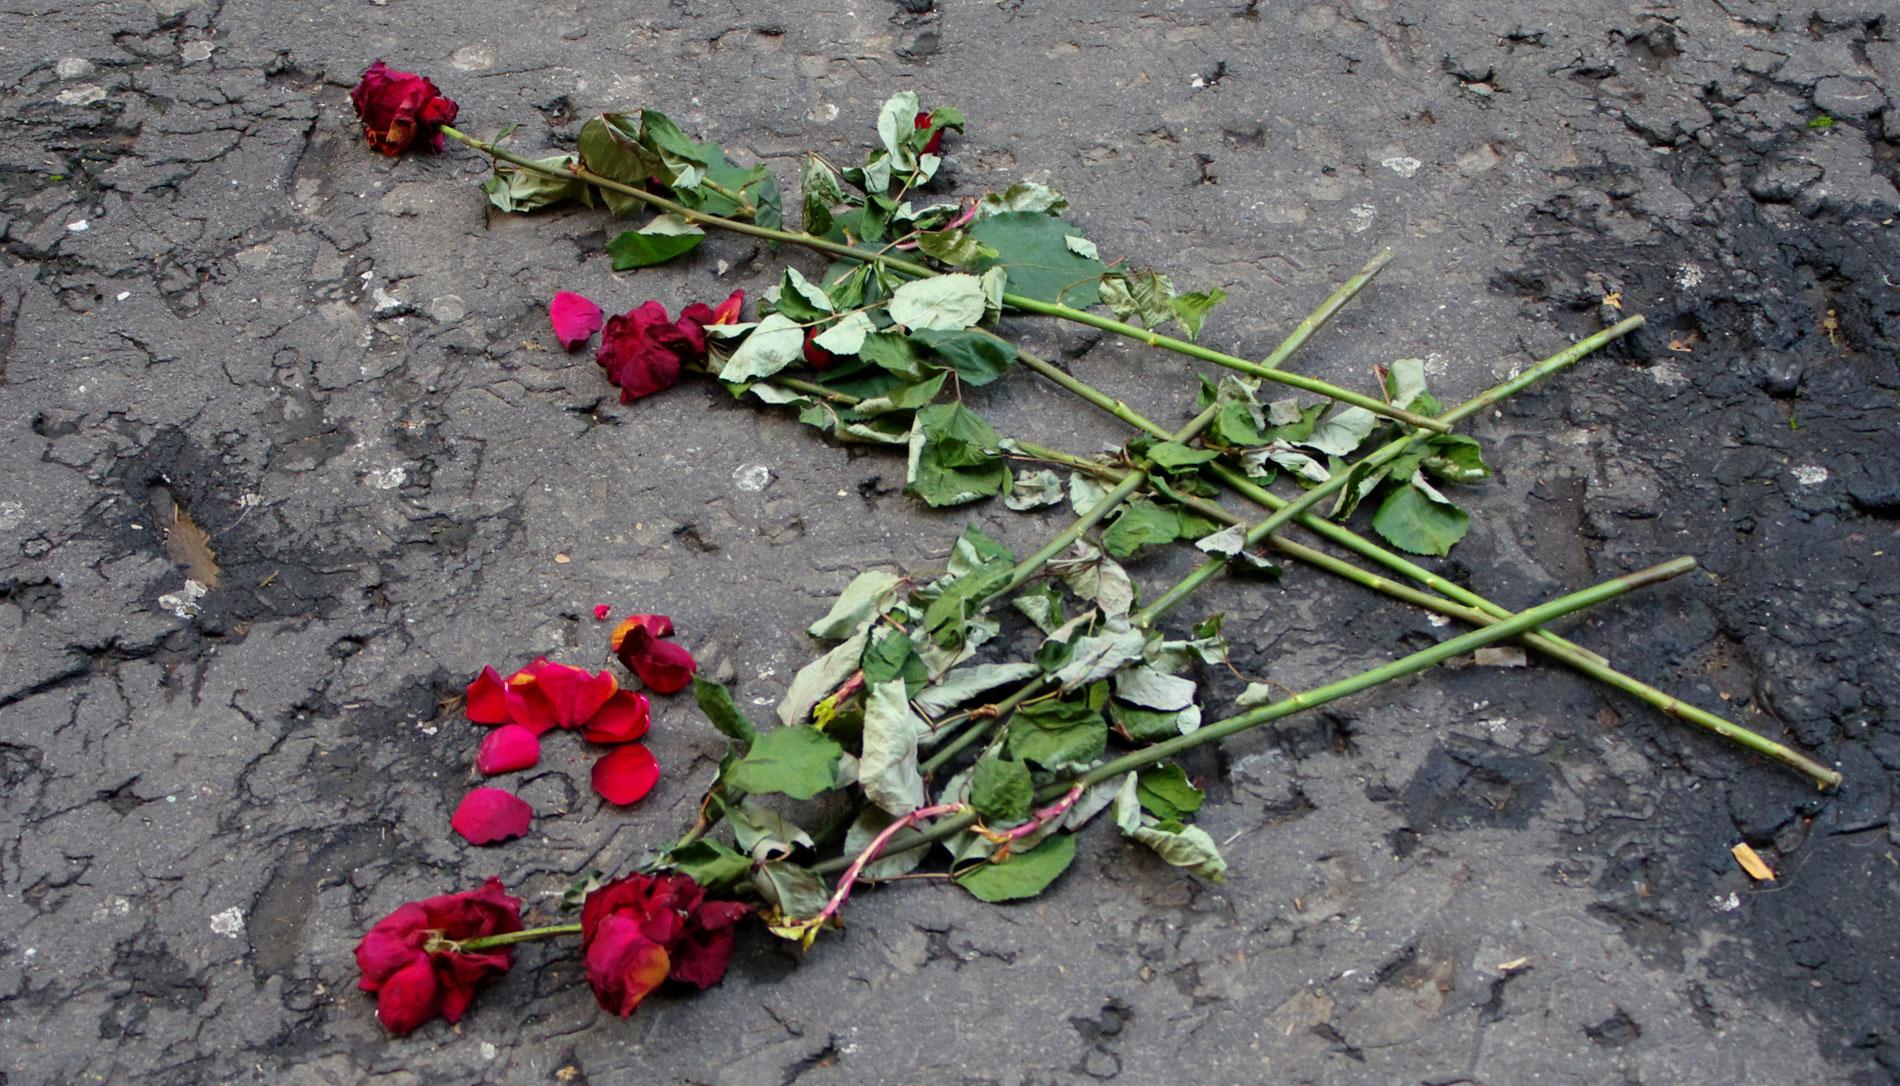 Una víctima de ETA vuelve al lugar donde la banda terrorista mató a su padre hace 36 años